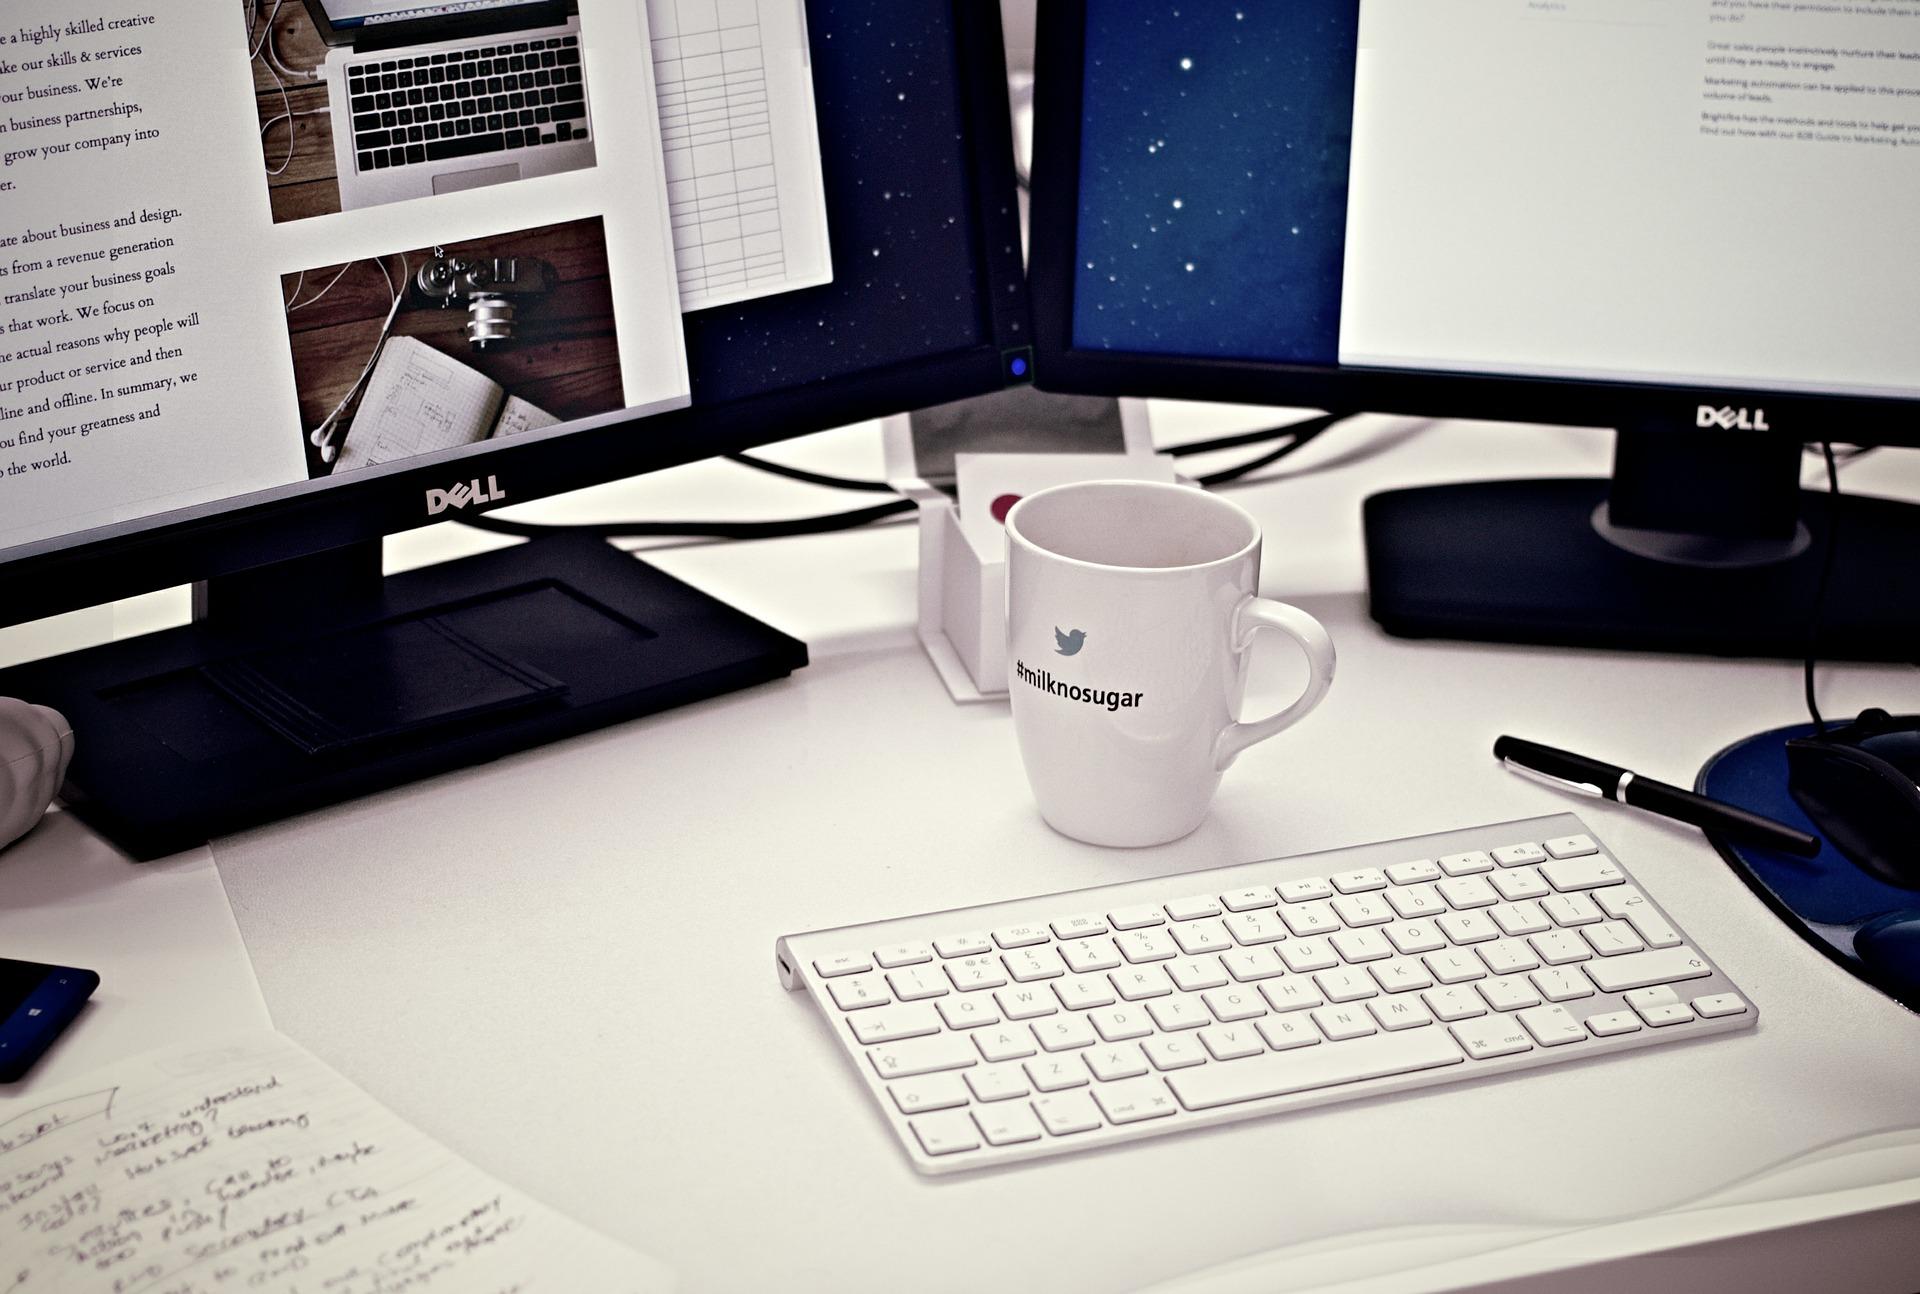 workstation 405768 1920 - WordPressのログインURL変更方法とセキュリティ対策におすすめのプラグイン